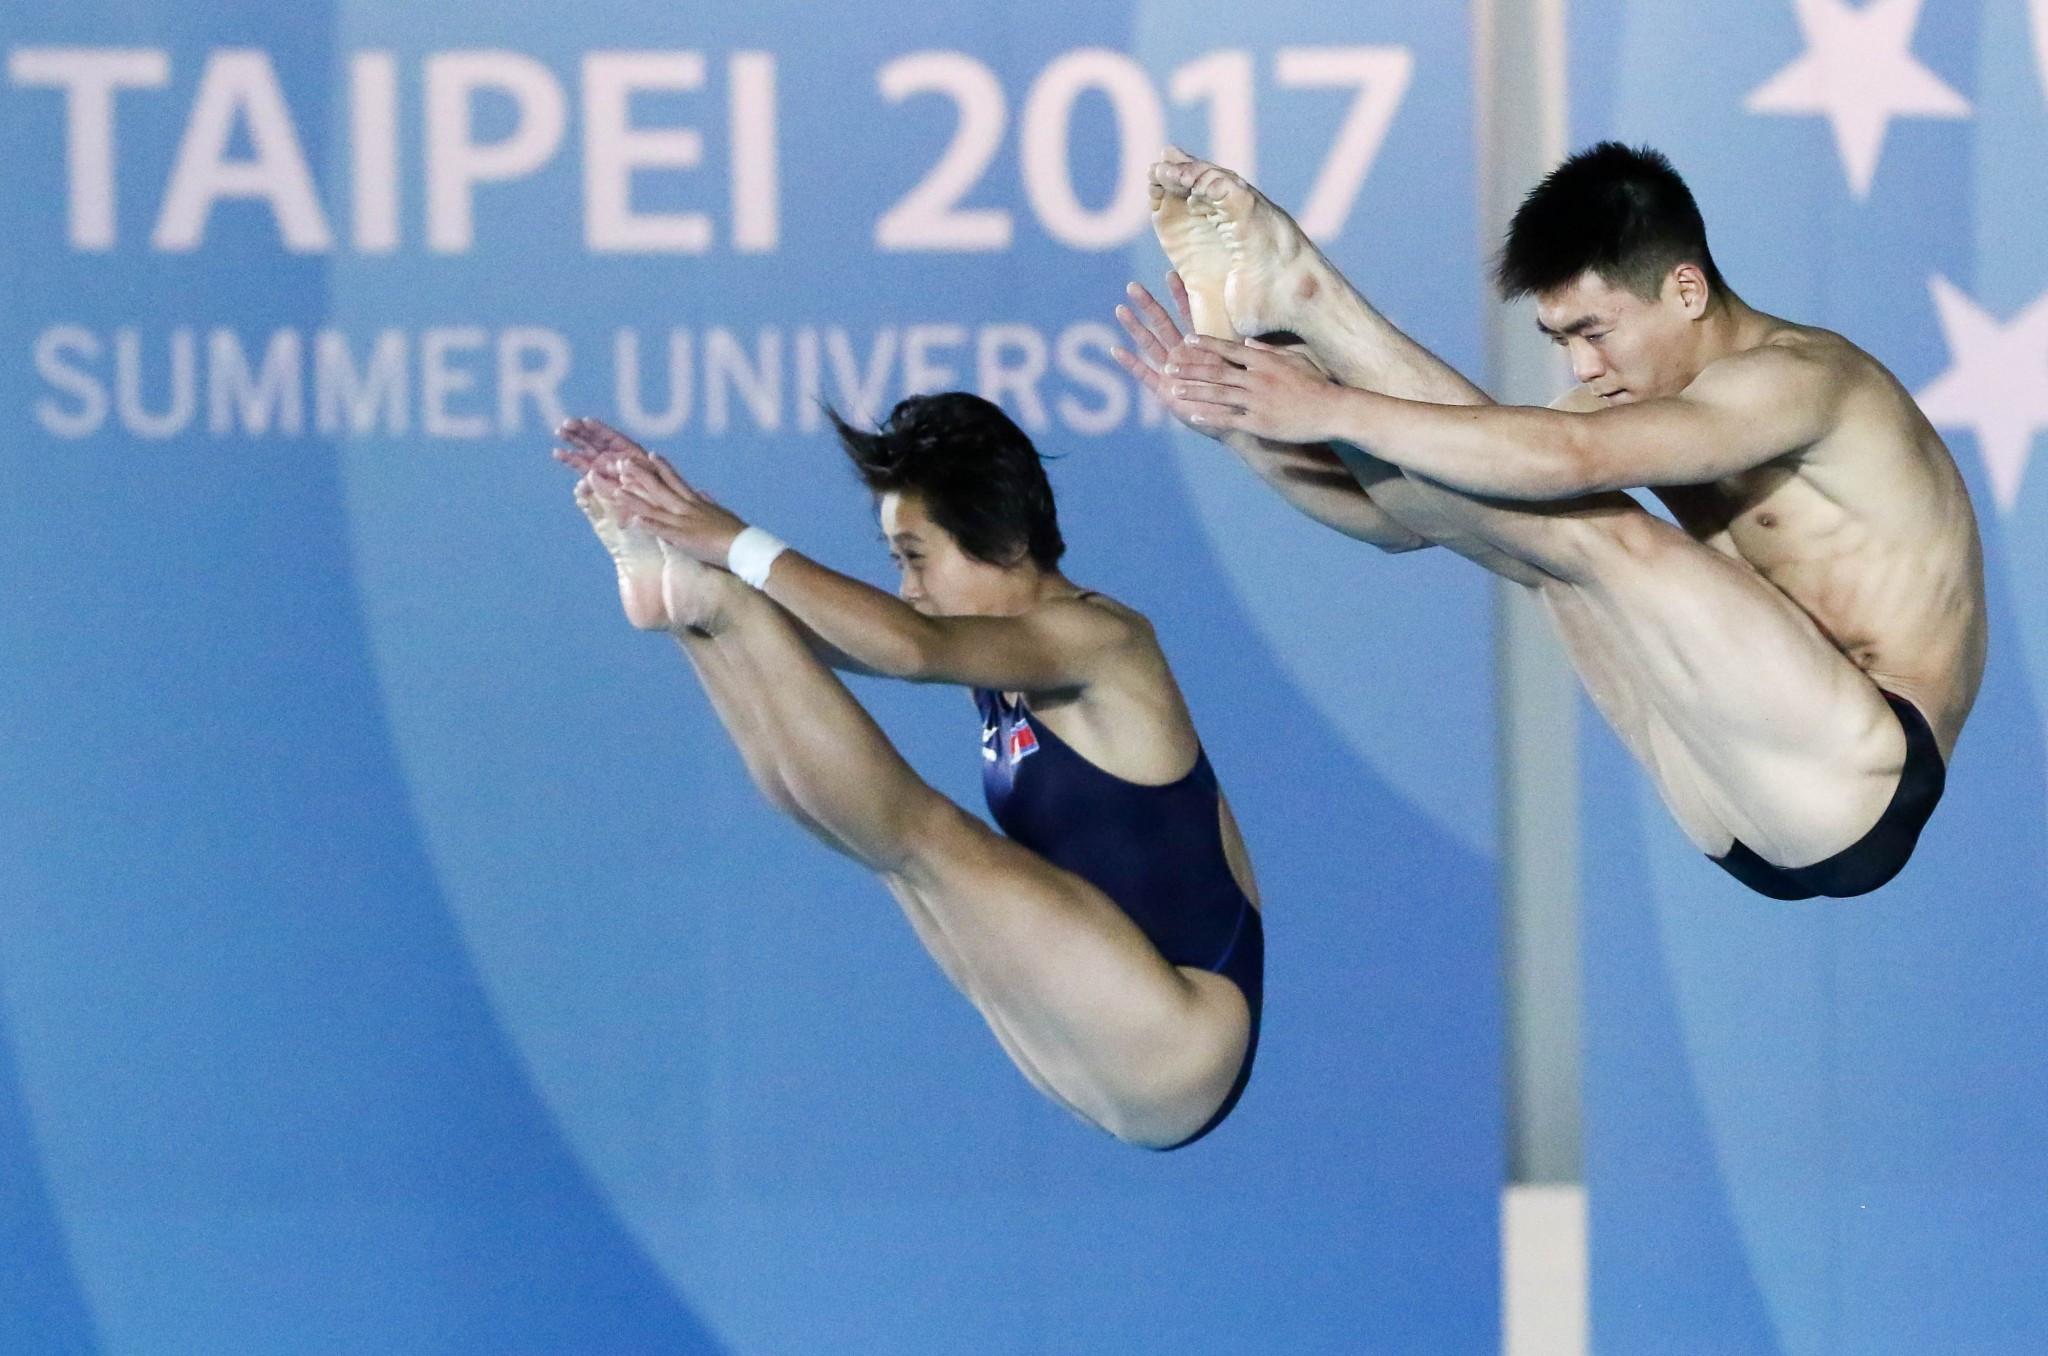 North Korea's Kim Kuk Hyang and Hyon Il Myong won diving gold today ©Taipei 2017